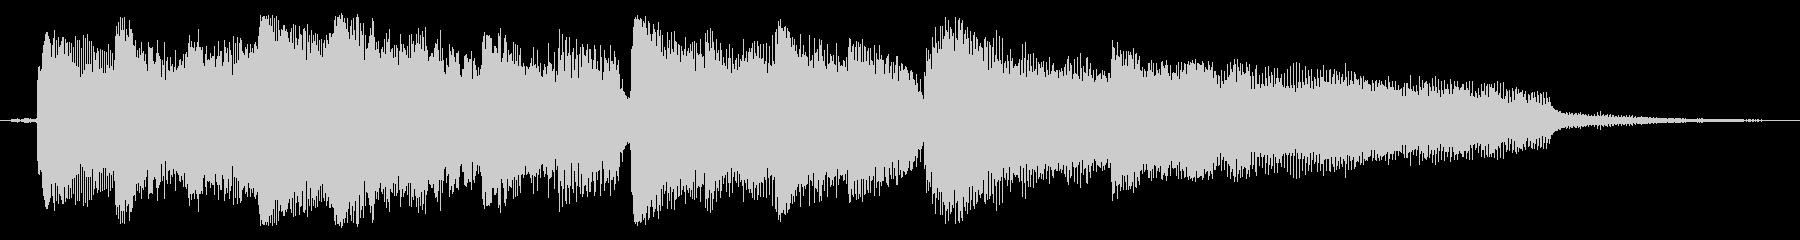 和風メロのピアノ曲の未再生の波形